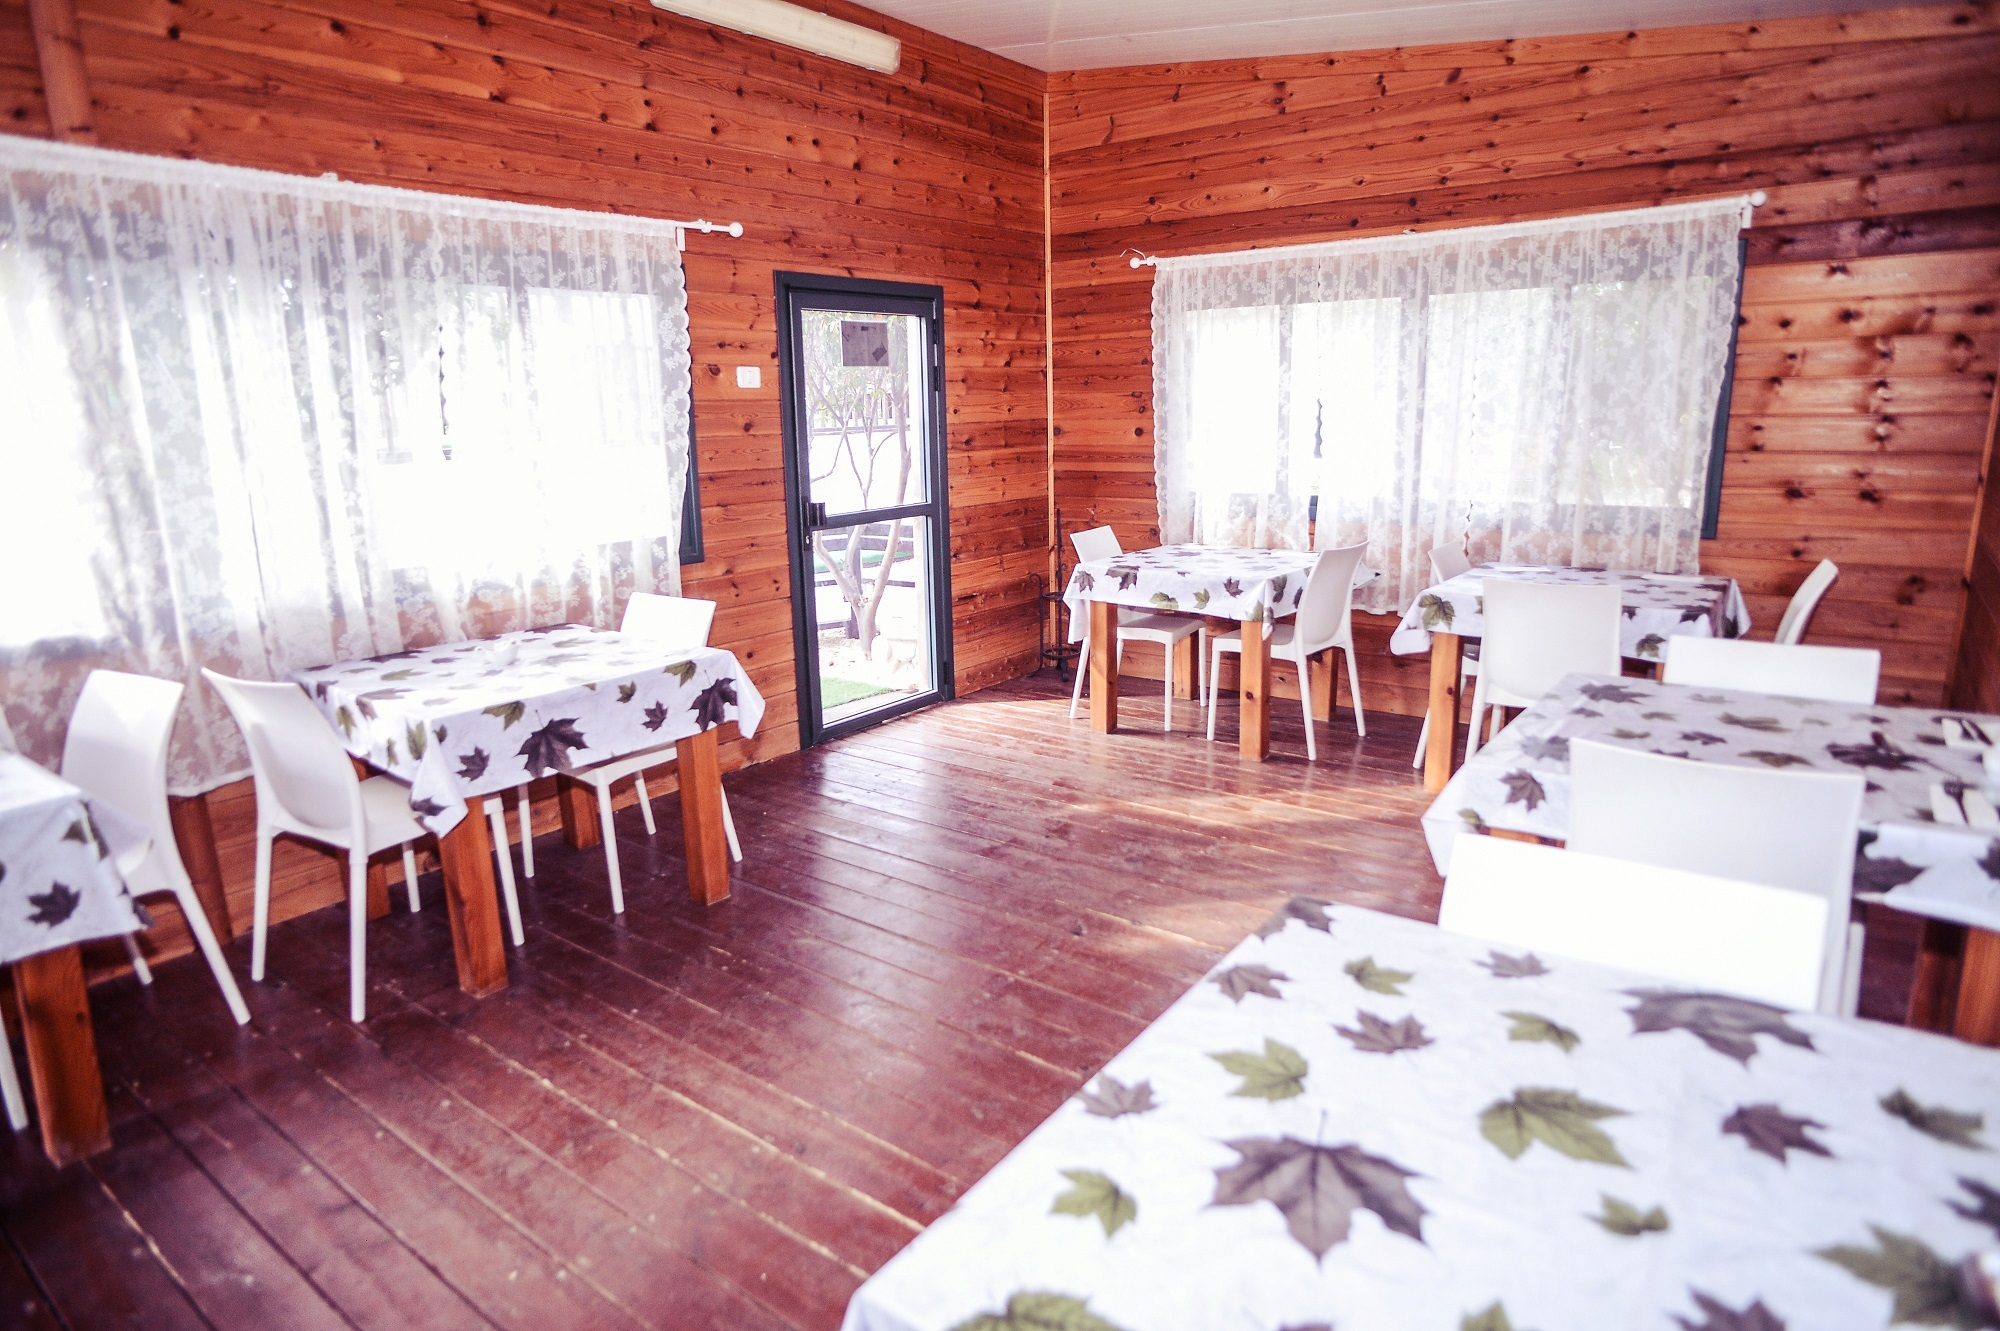 חדר אוכל באווירה כפרית ונעימה